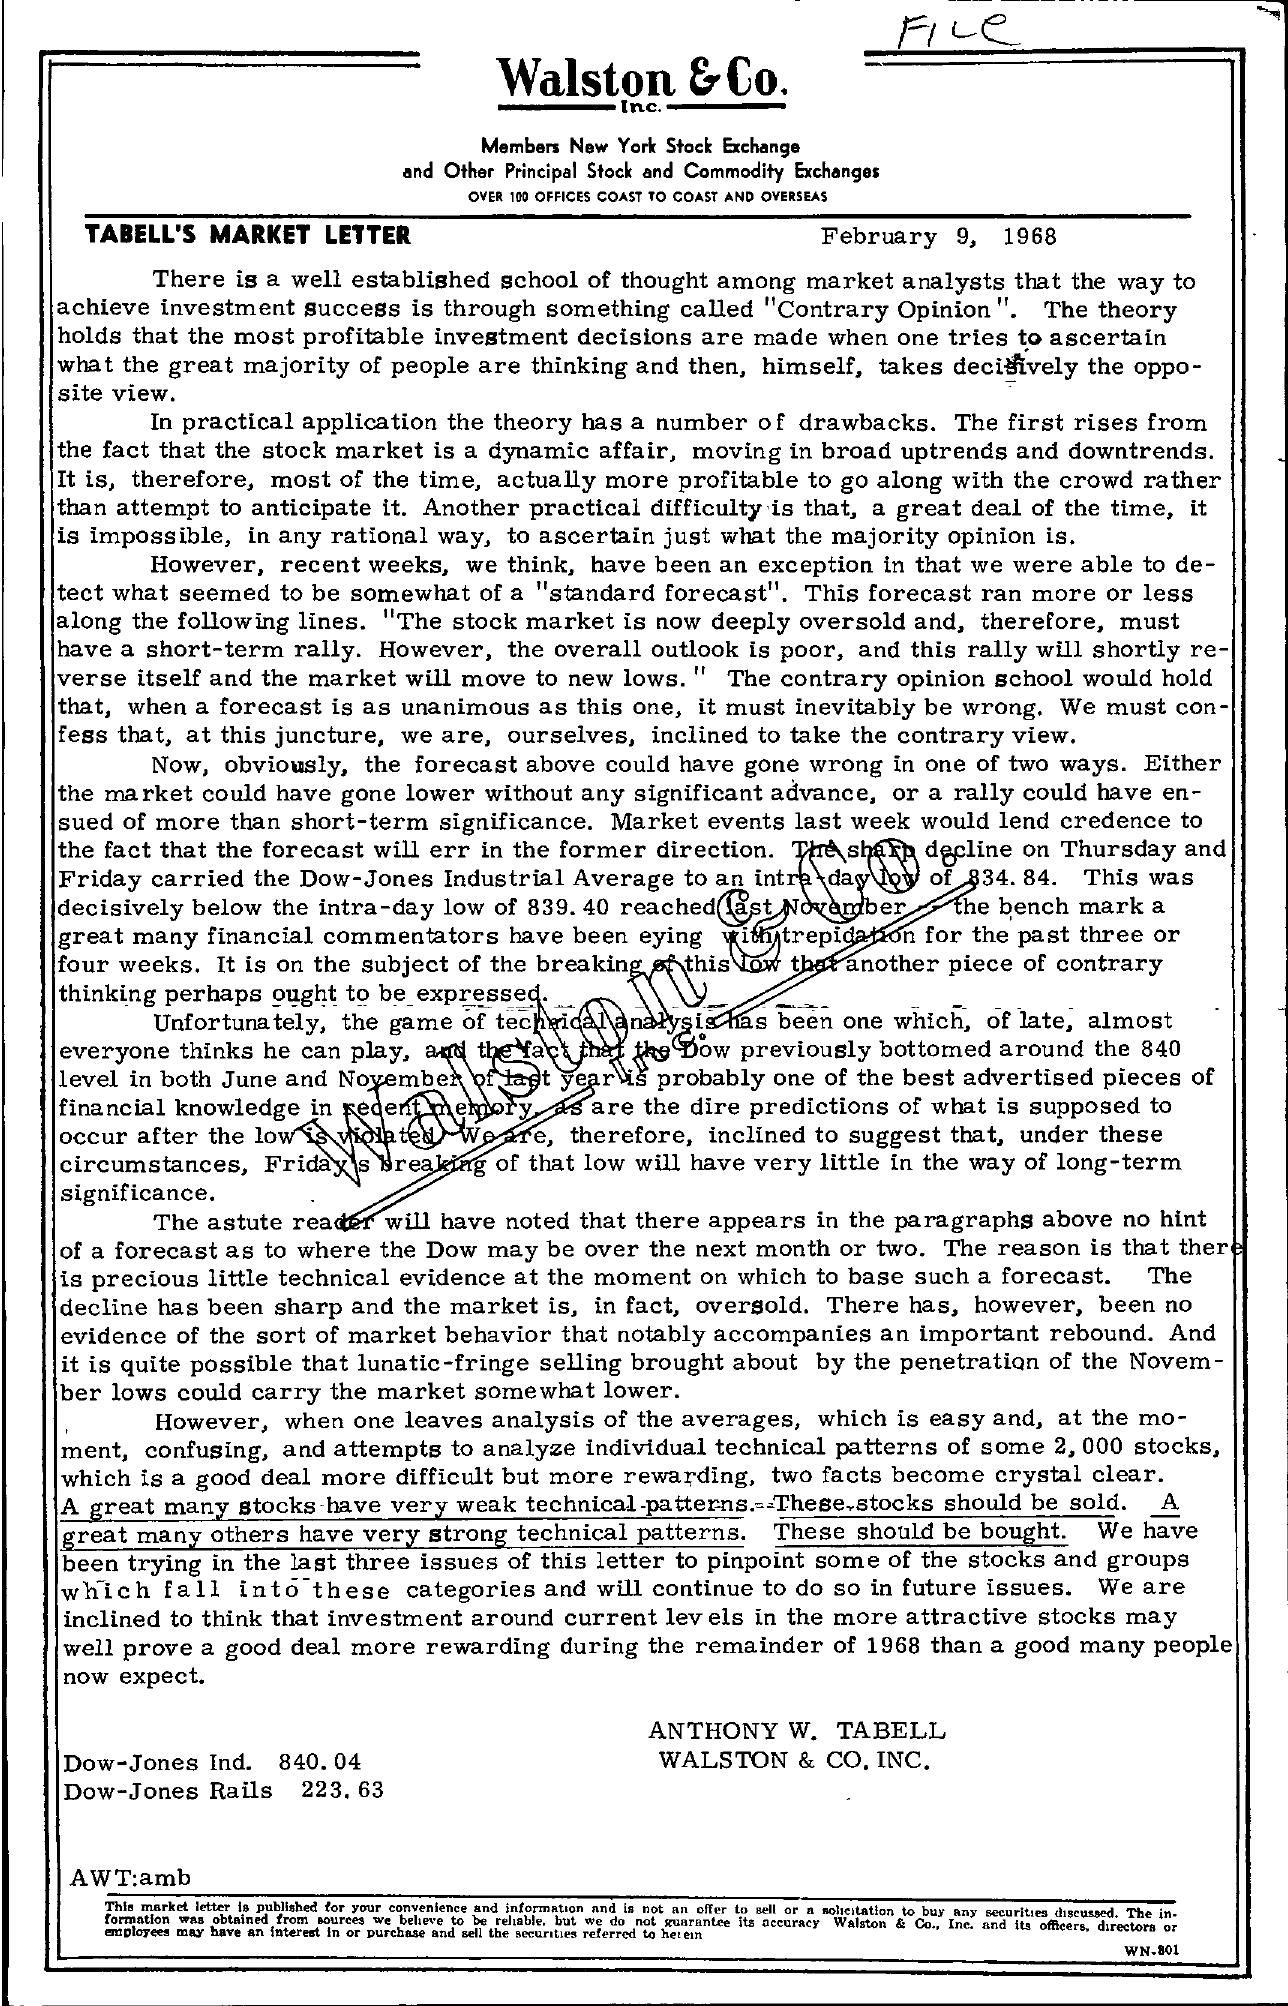 Tabell's Market Letter - February 09, 1968